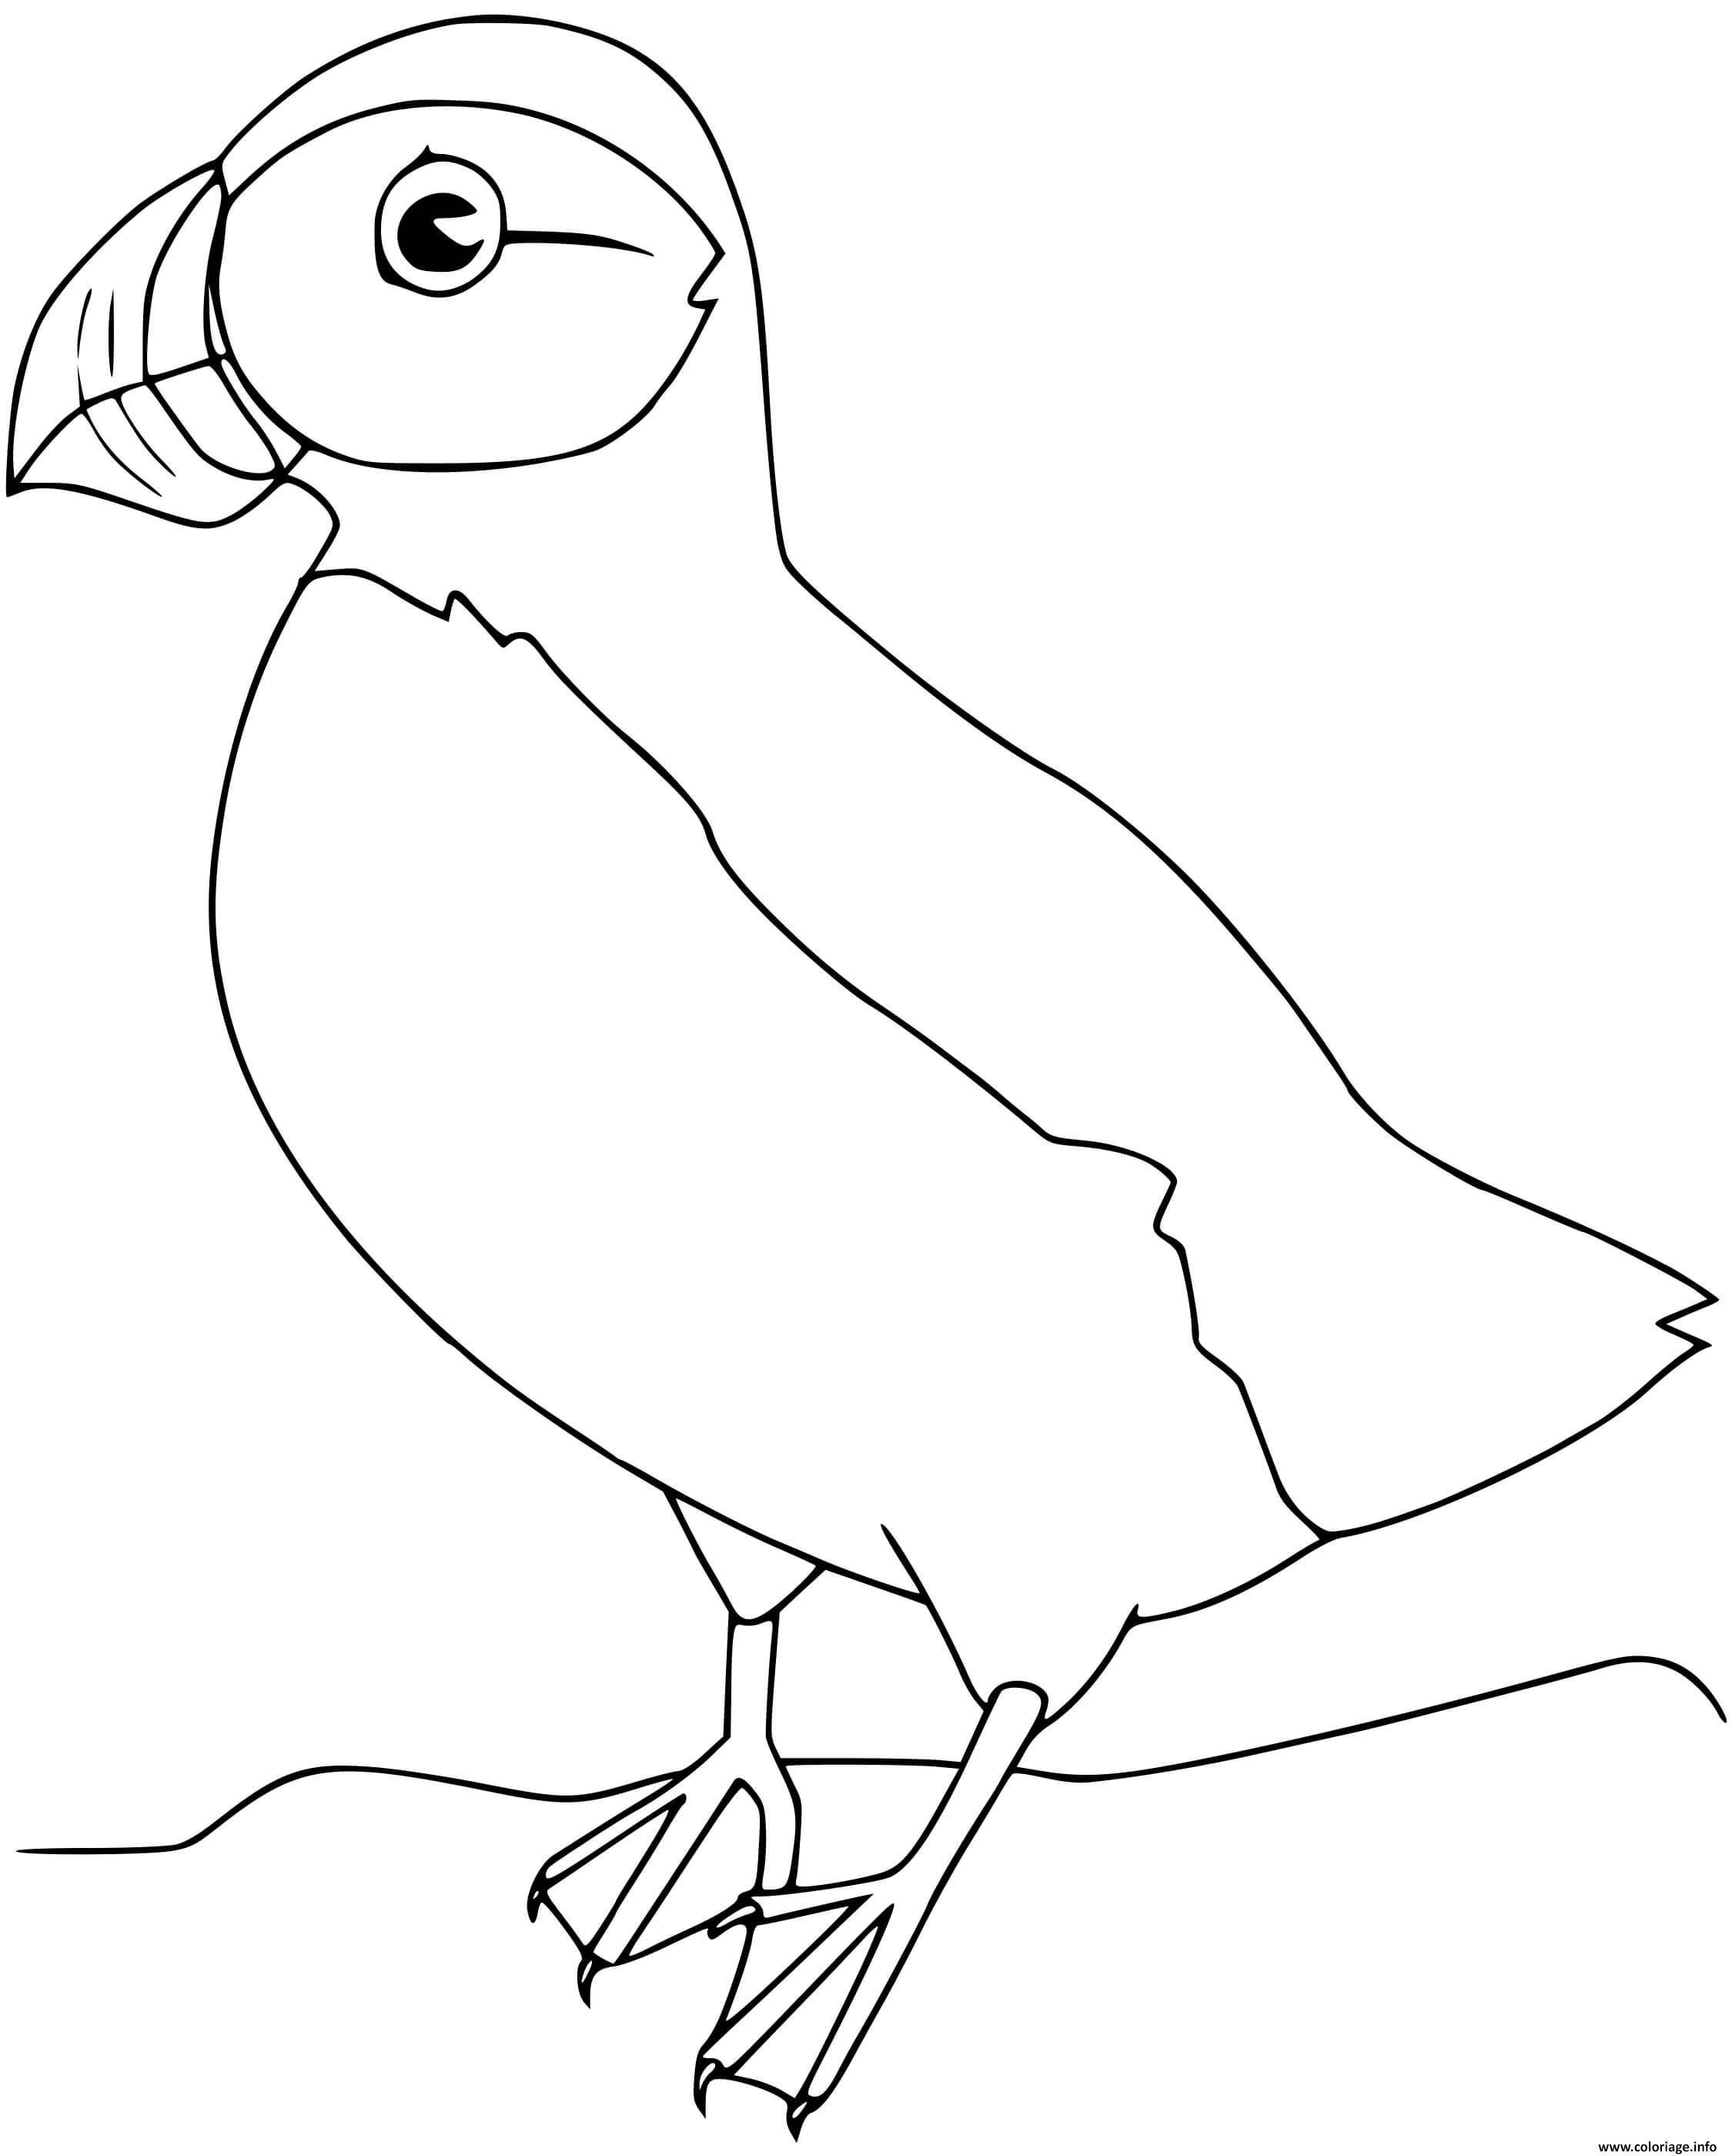 Dessin macareux oiseau Coloriage Gratuit à Imprimer